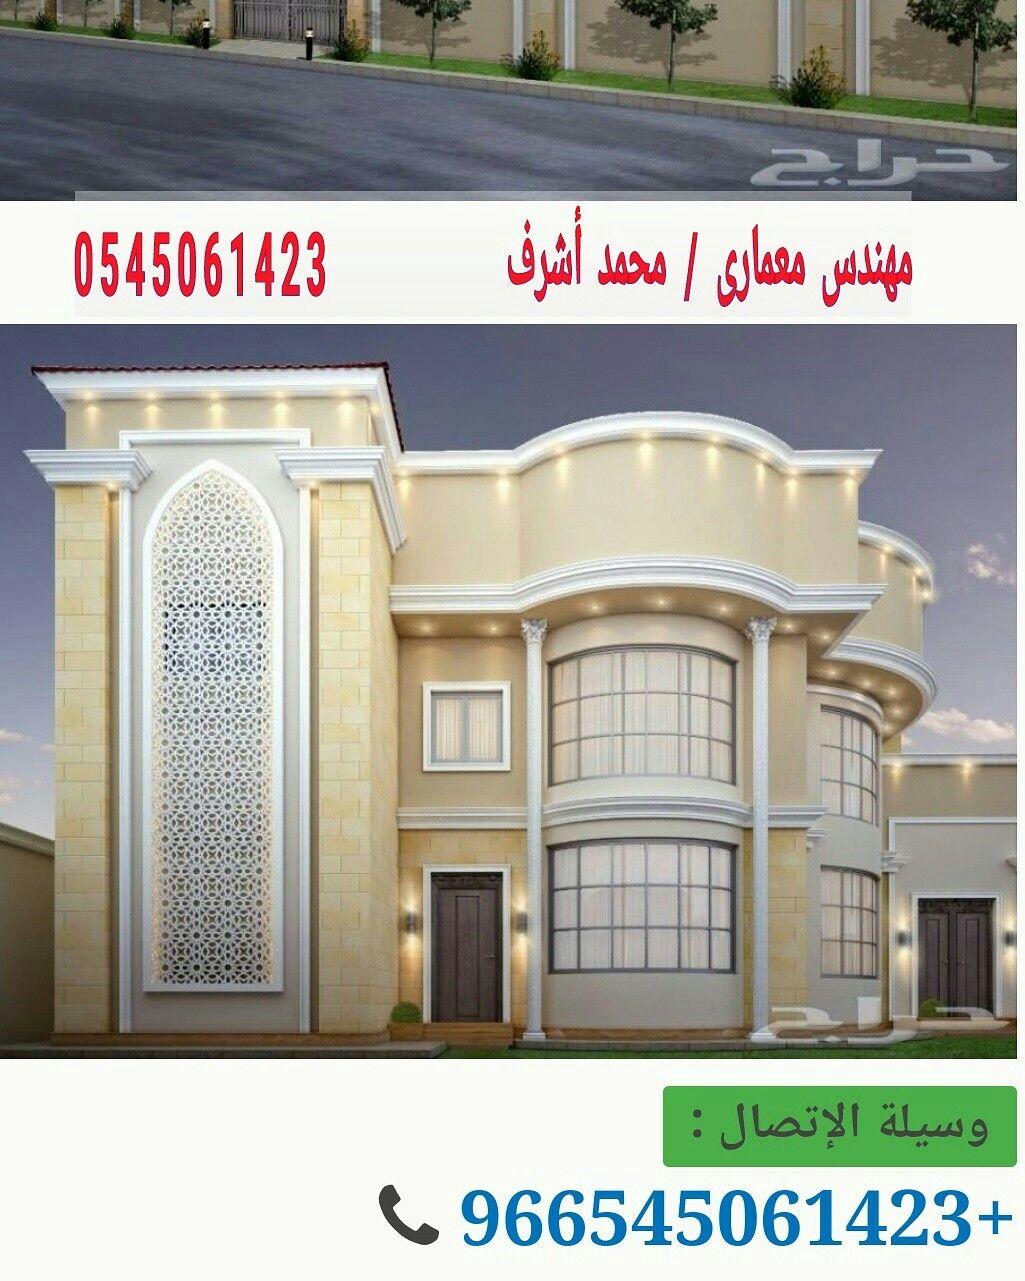 مصمم واجهات فلل بالرياض 0545061423 مصمم واجهات فلل مودرن بالرياض تصميم واجه Mosque Design Islamic Architecture Modern Houses Interior House Designs Exterior